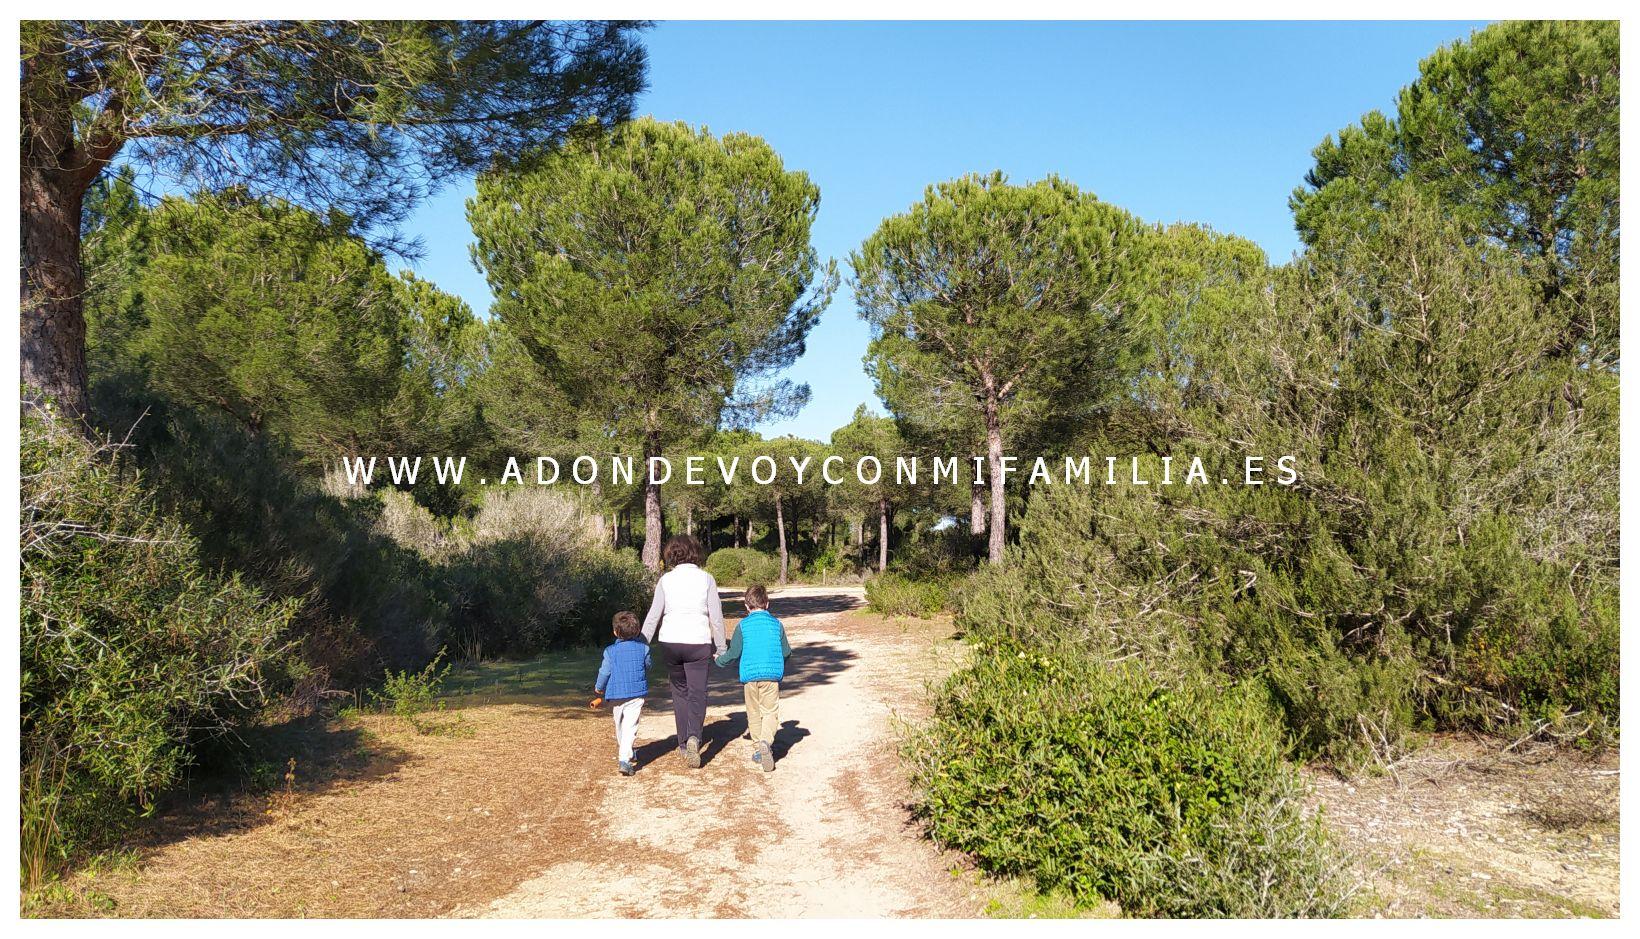 sendero cerro del aguila pinar de la algaida sanlucar adondevoyconmifamilia 58